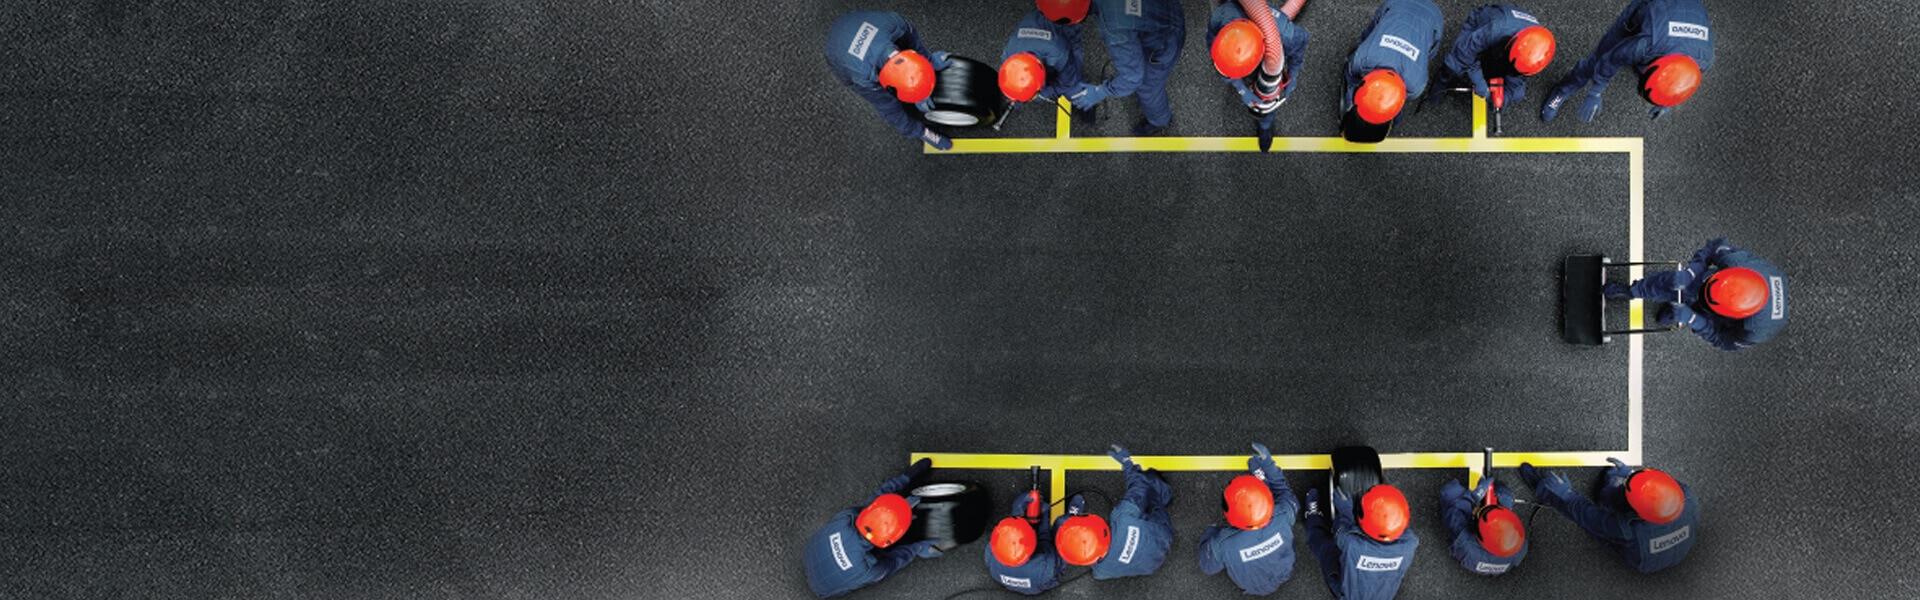 Comment Faire Pour Ouvrir Un Bowling services pour pc | lenovo belgique